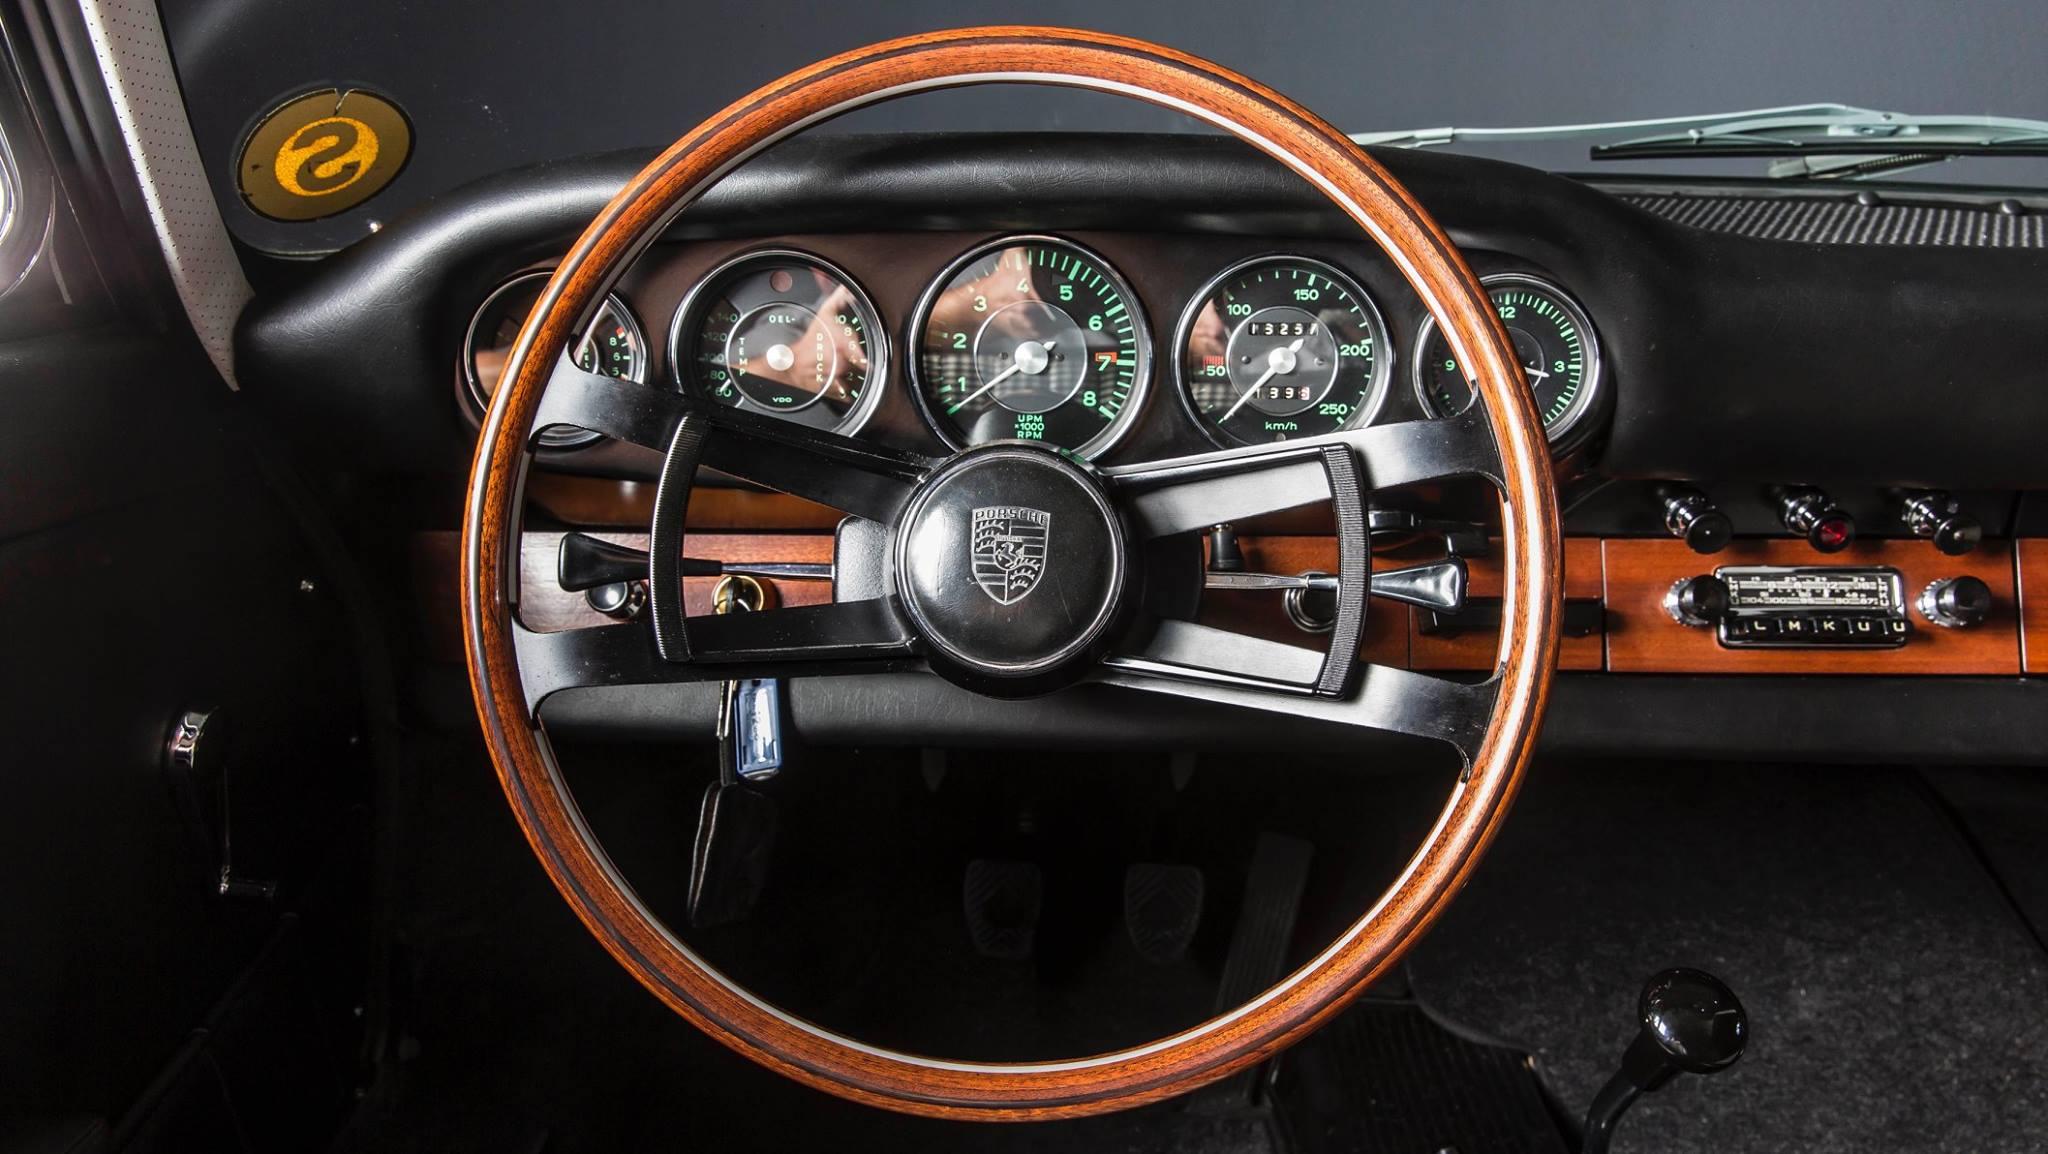 Porsche 901 911 restoration porsche museum (8)